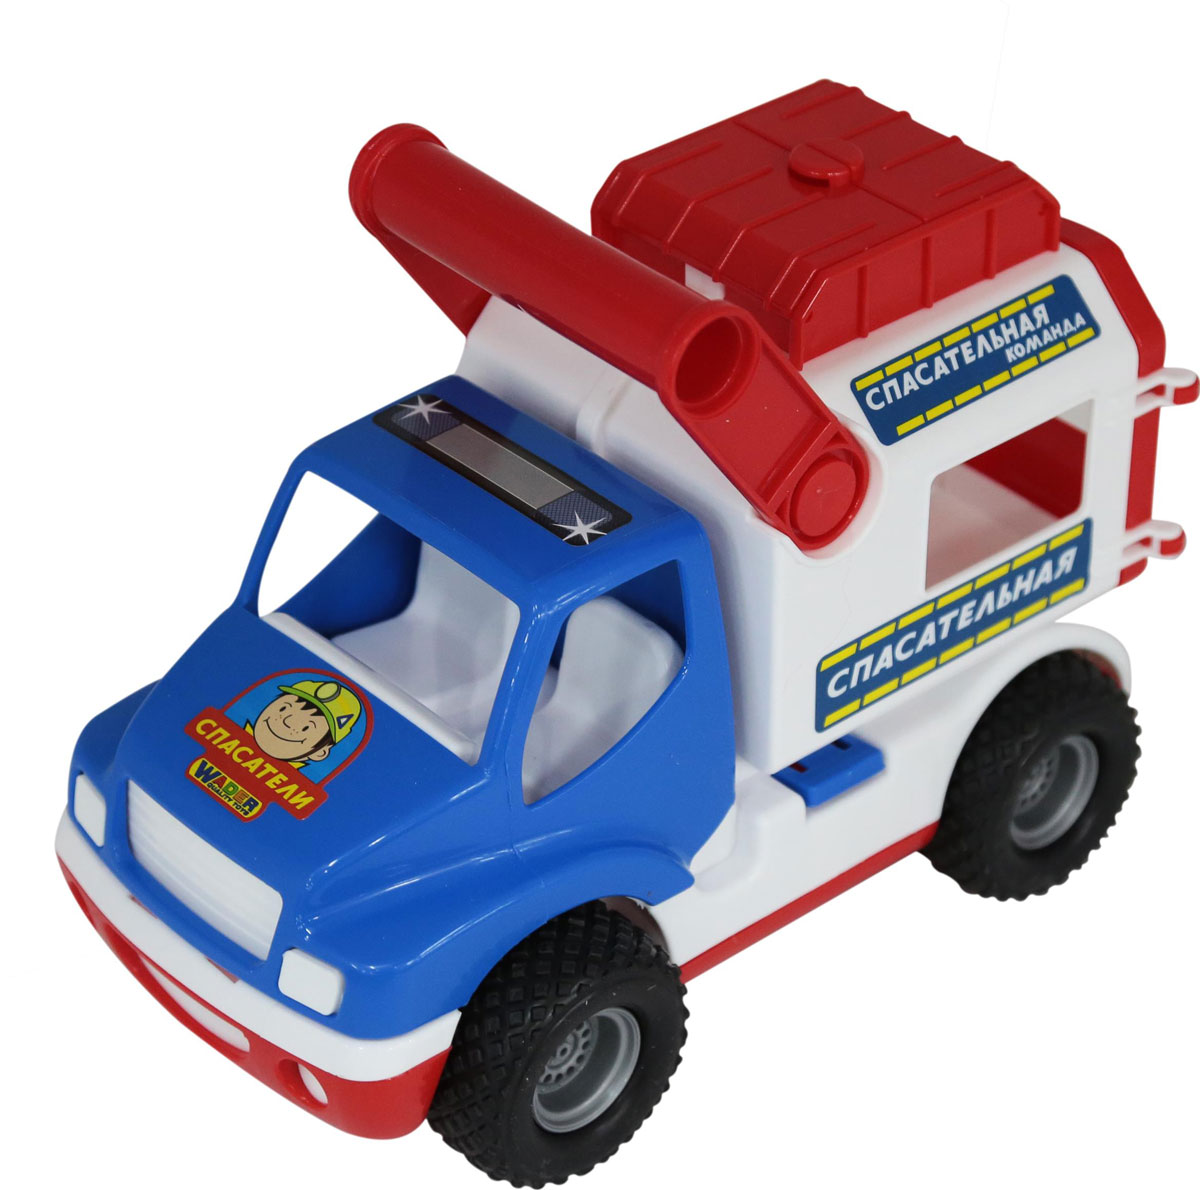 Полесье Автомобиль КонсТрак Спасательная команда полесье коммунальный автомобиль констрак